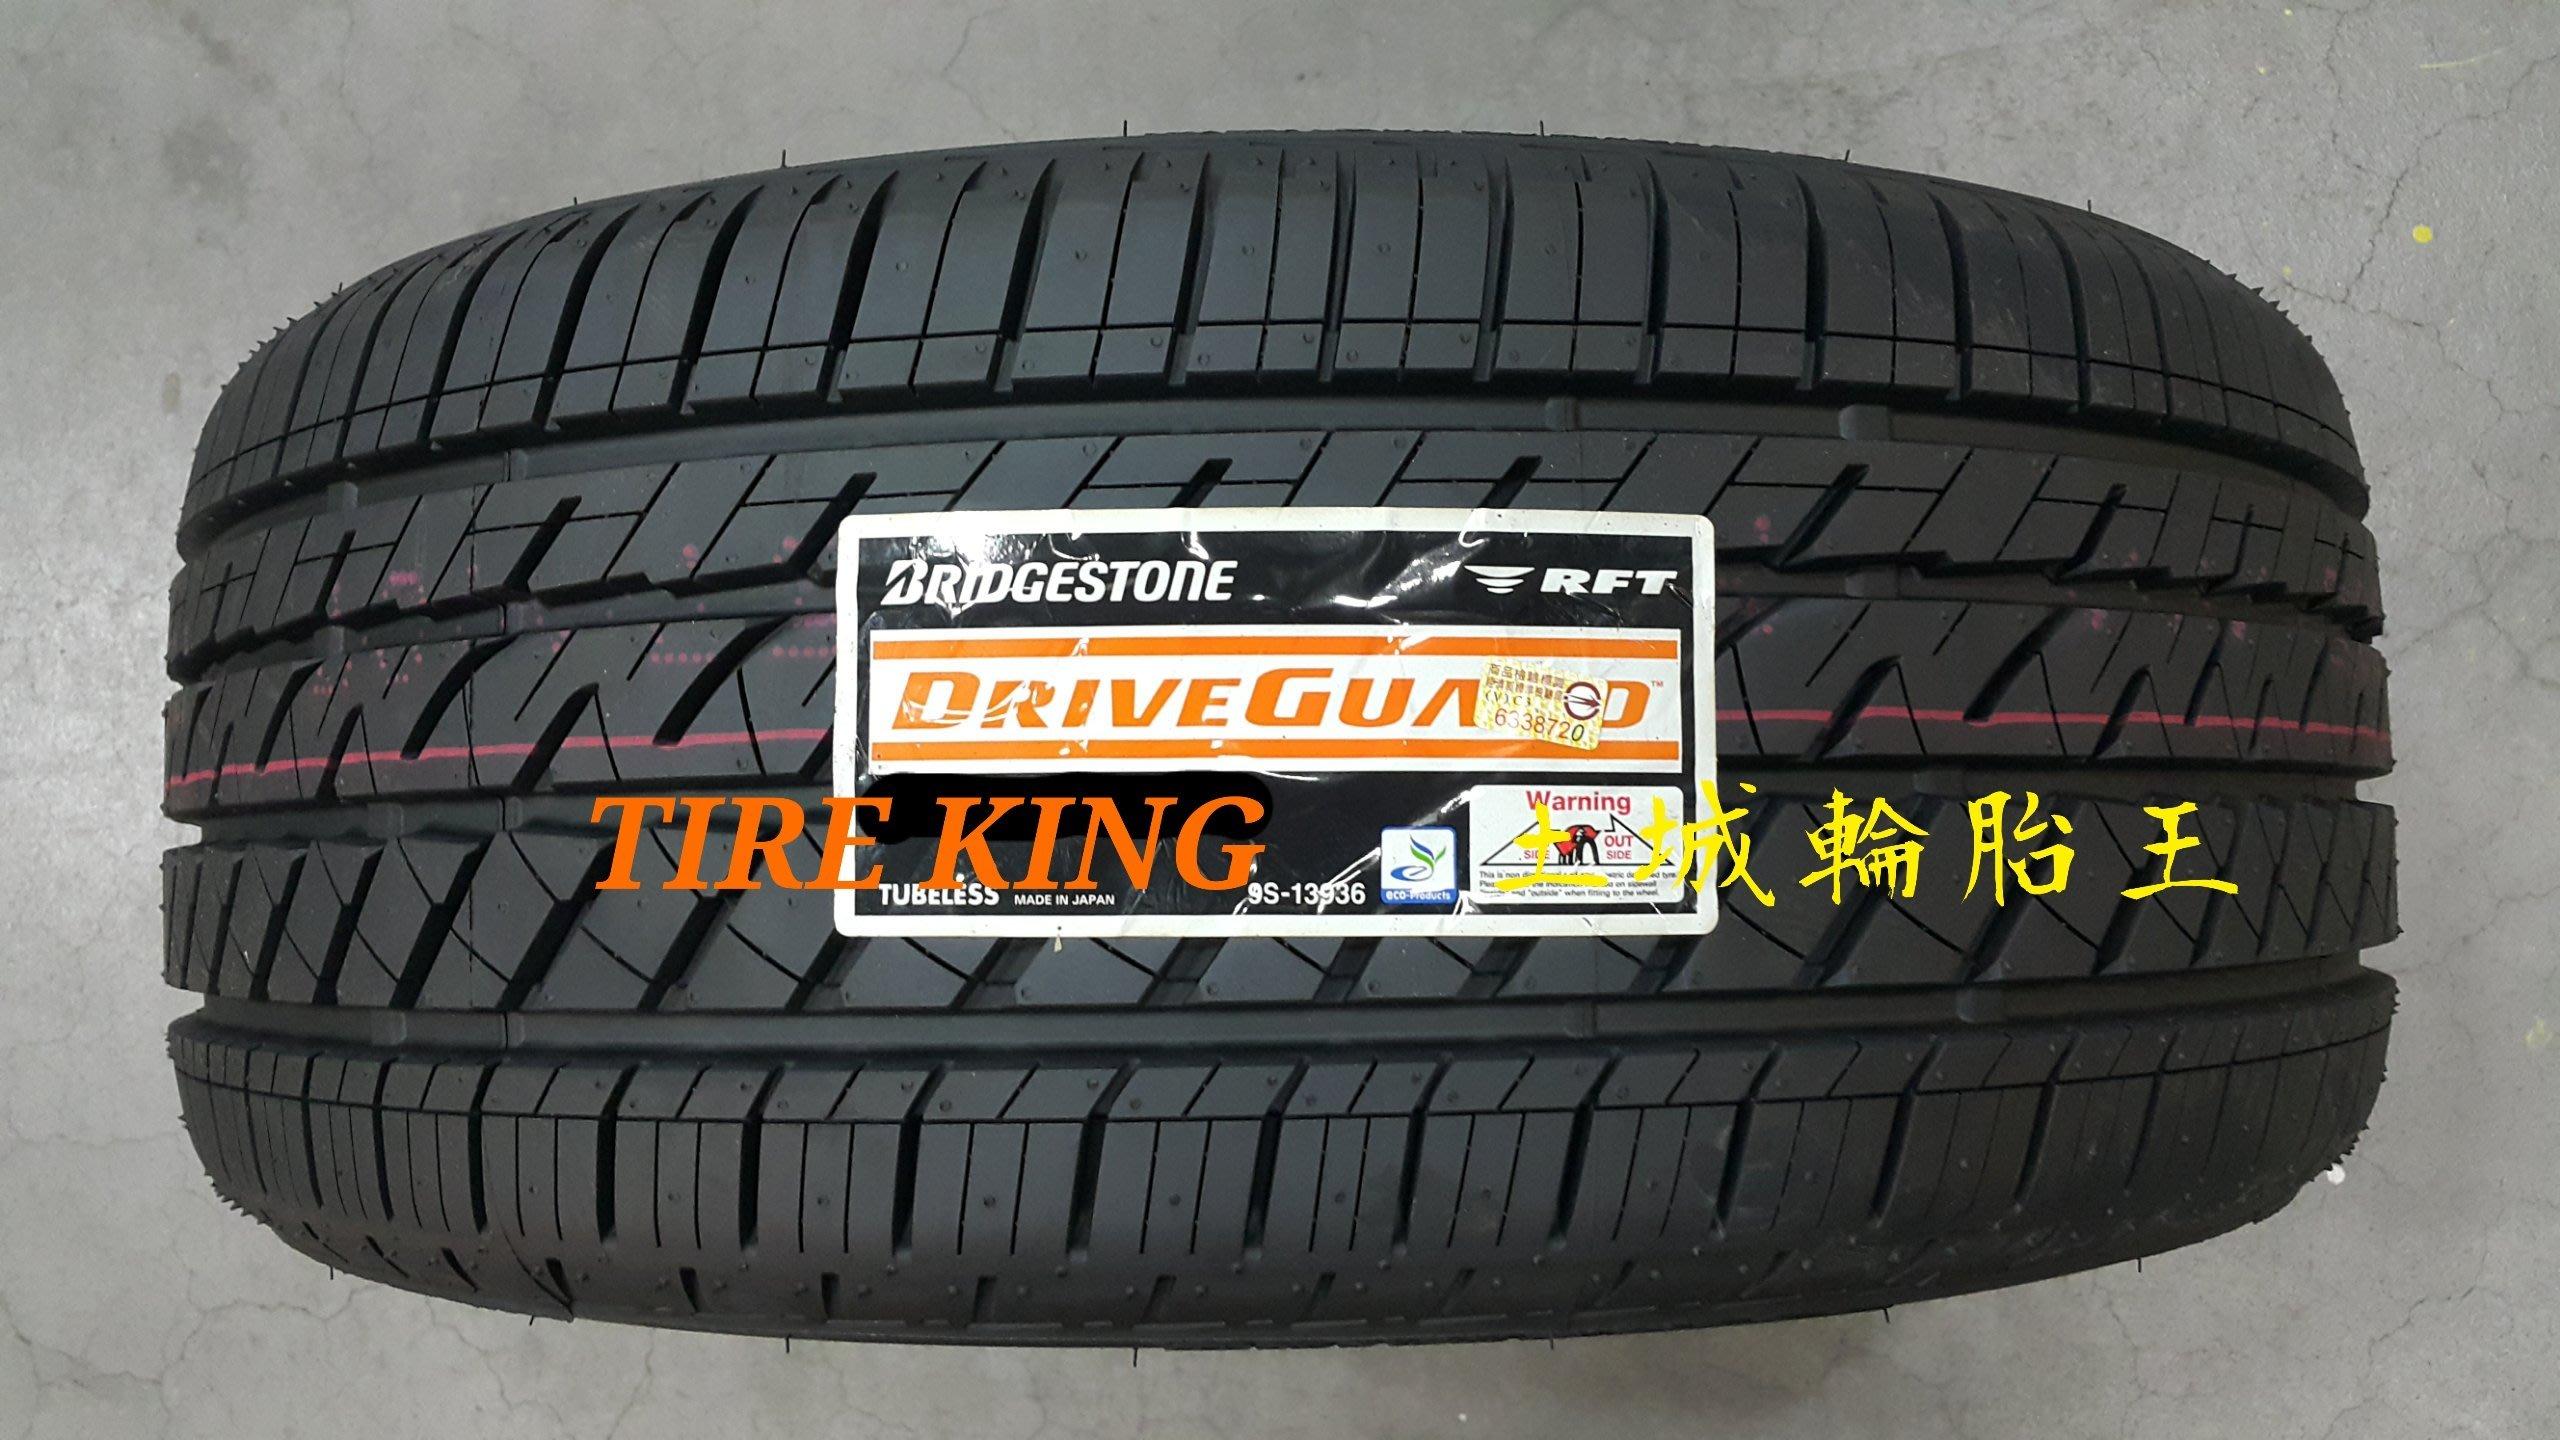 土城輪胎王 DRIVEGUARD 215/60-16 95V 普利司通 失壓續跑胎 防爆胎 RFT